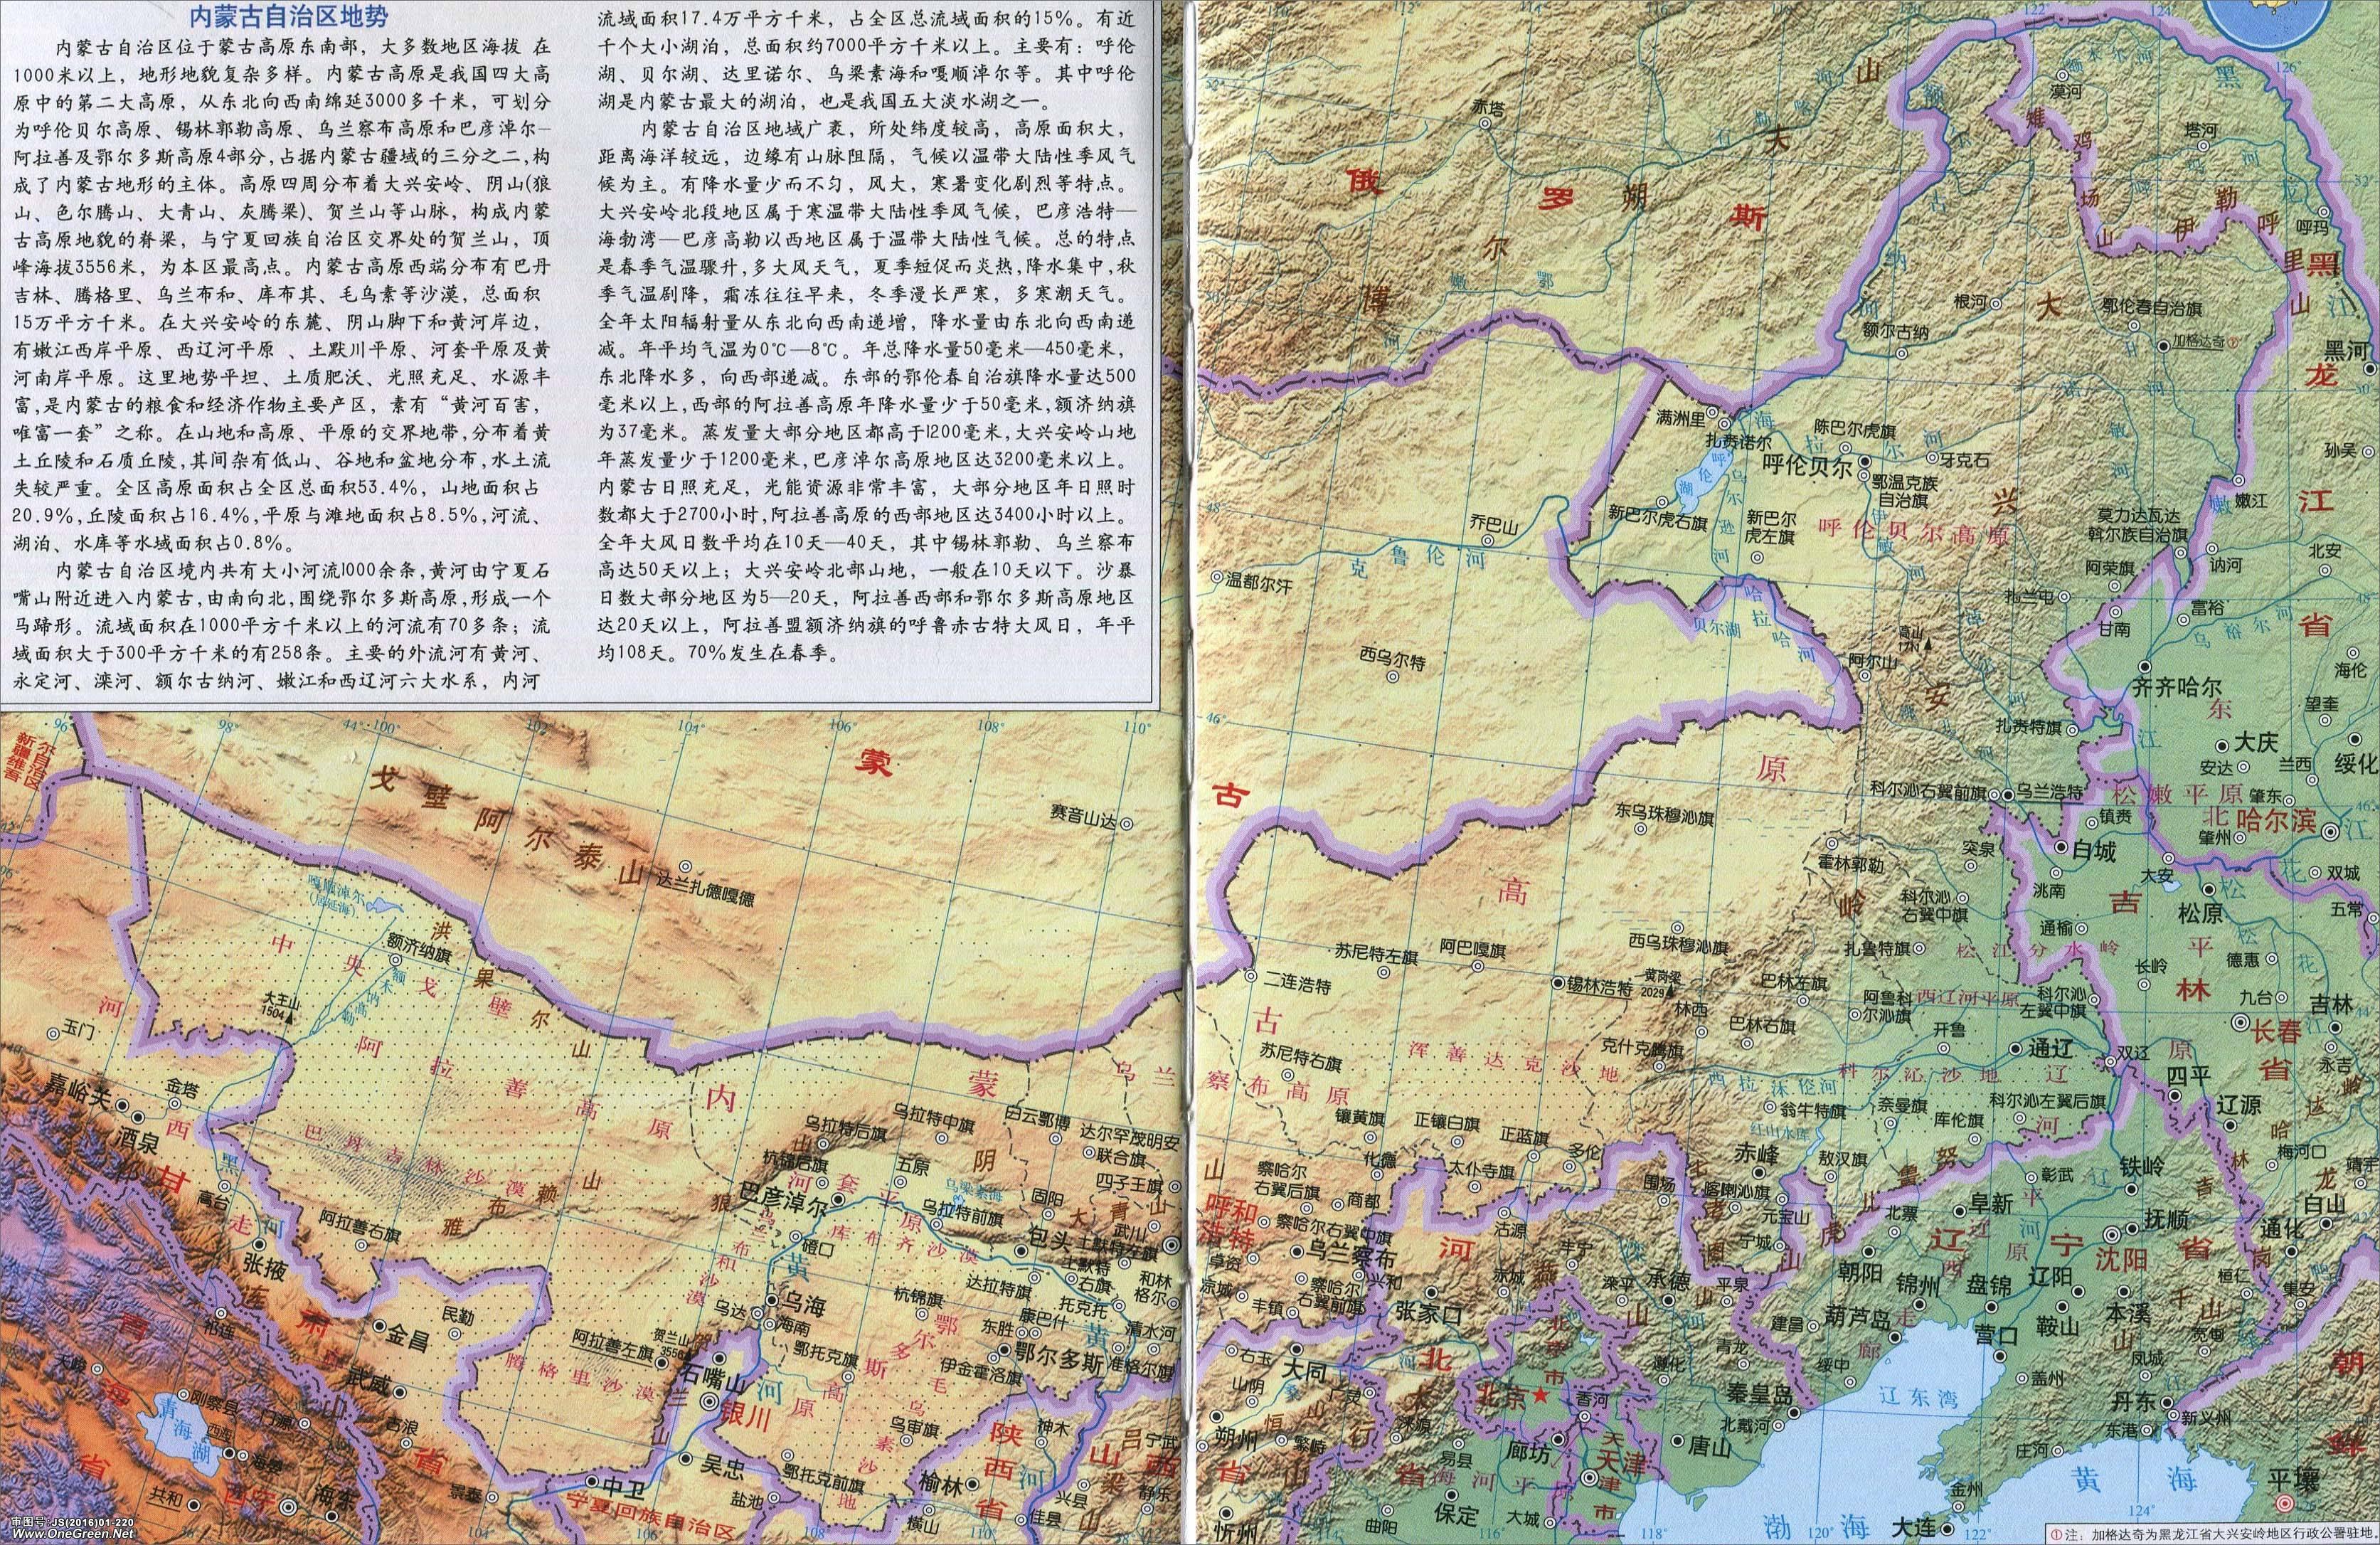 内蒙古地图全图高清版